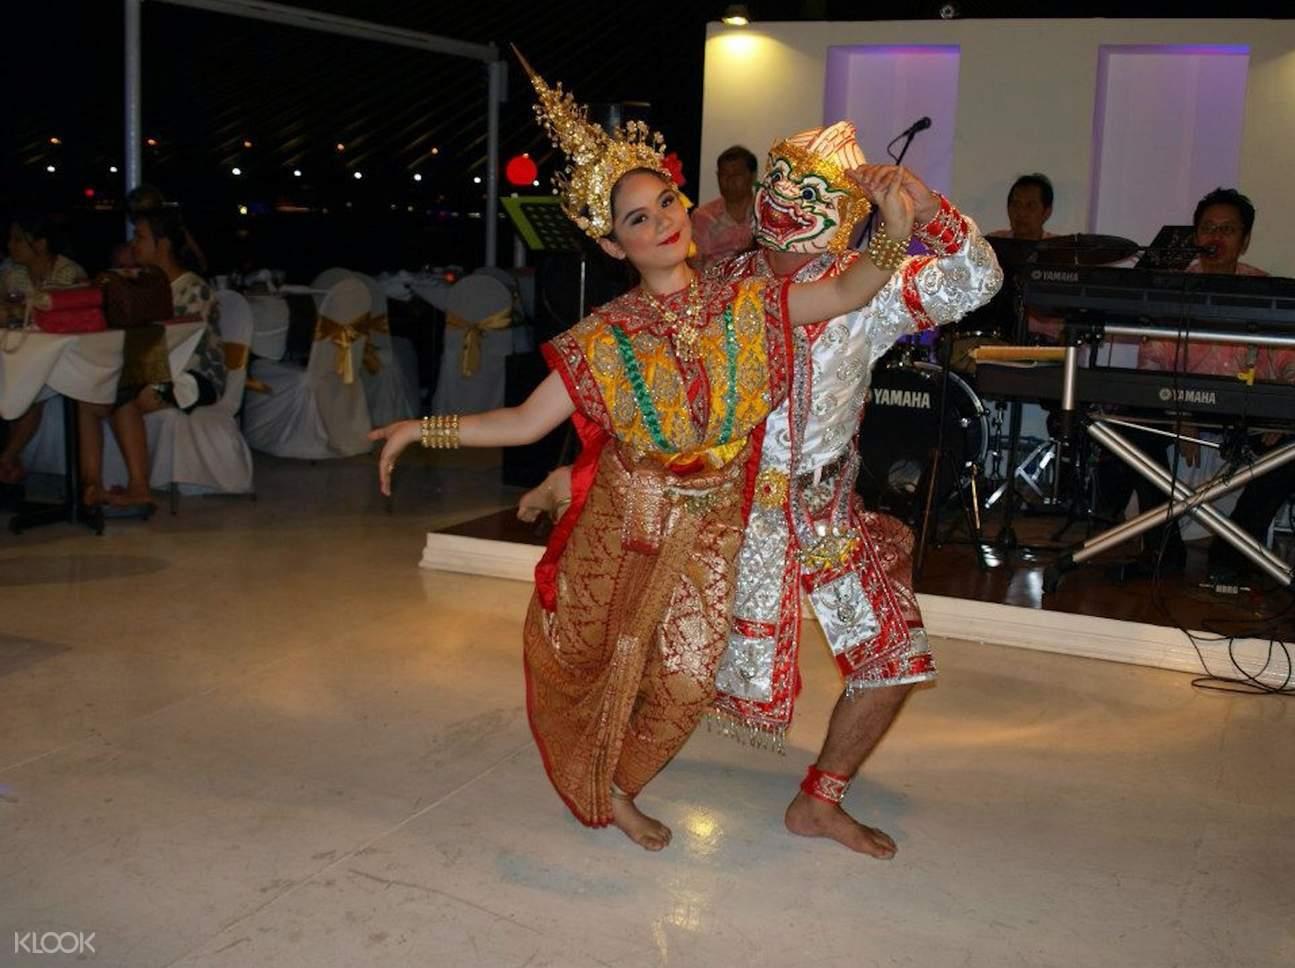 Thai Khon Dancing at River Star Princess Chao Phraya Cruise